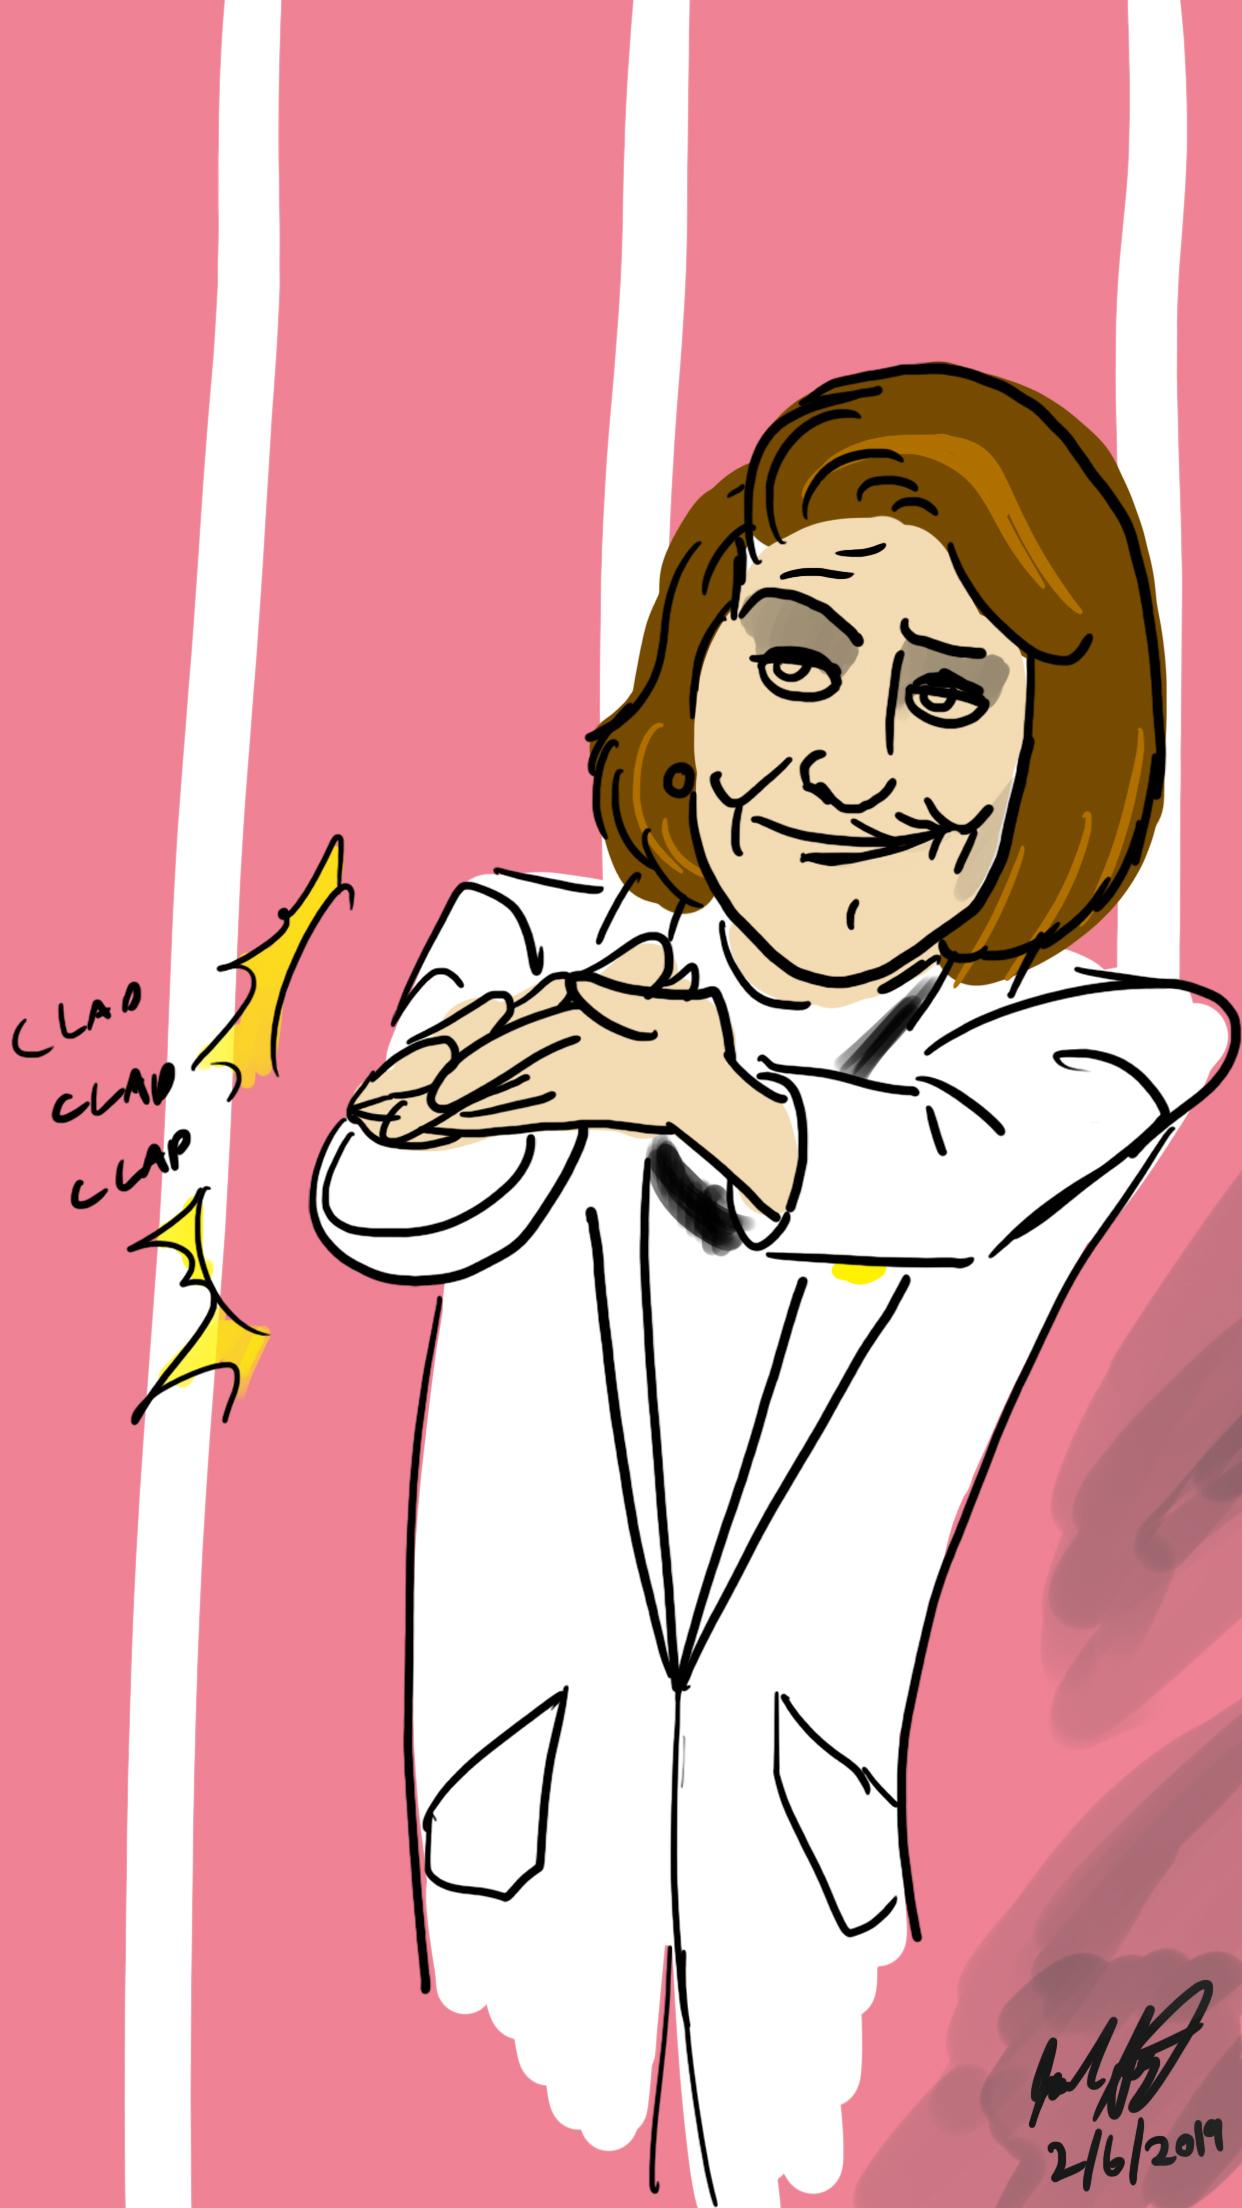 Pelosi's Clap Back